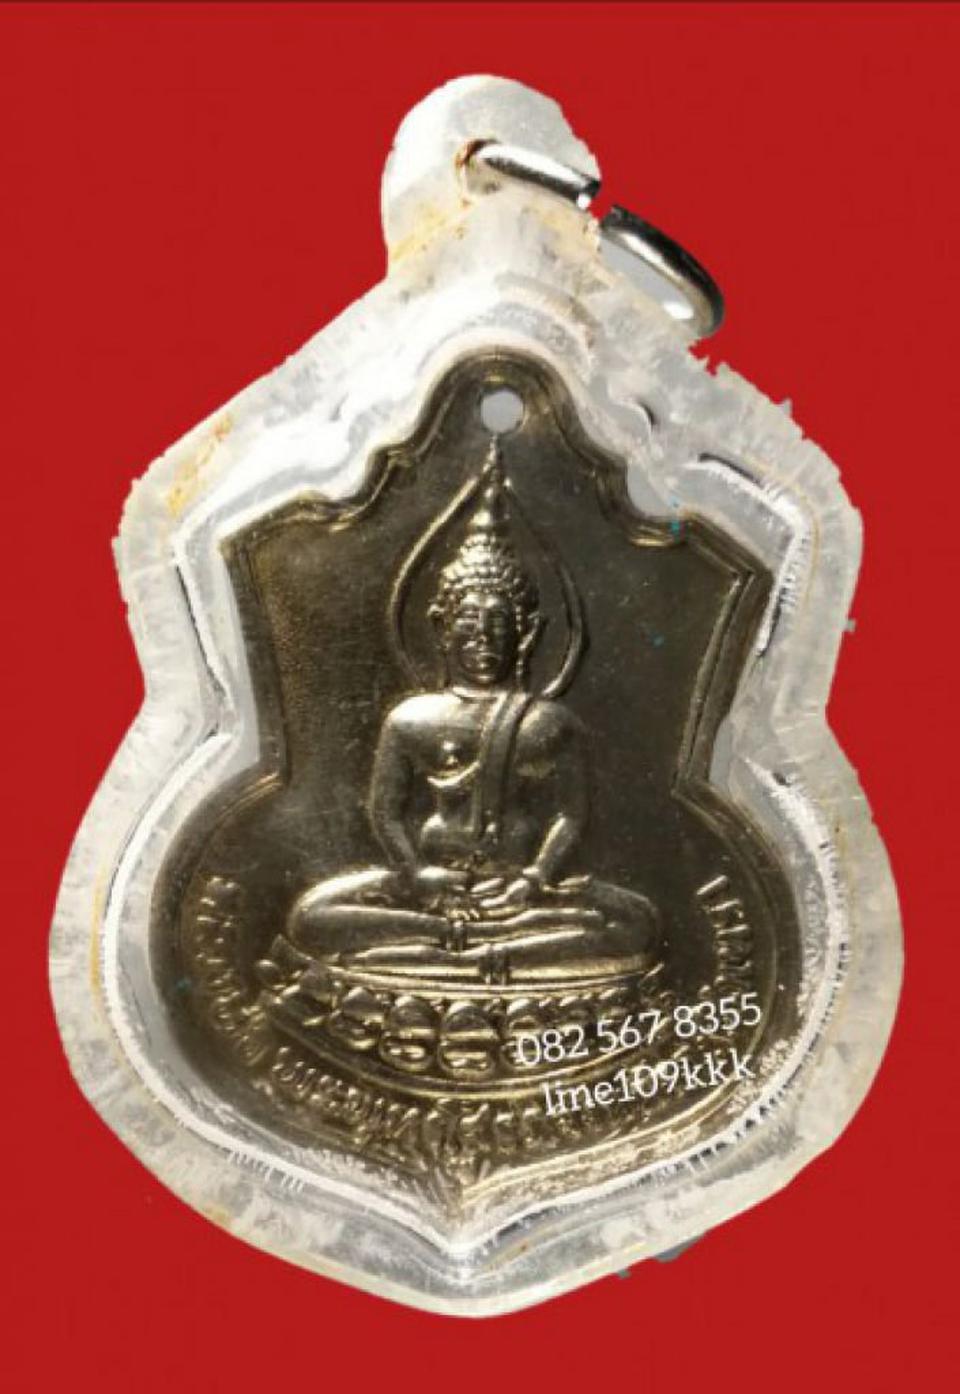 เหรียญหลวงพ่อโสธร 2509 ที่ระลึกในหลวง รัชกาลที่ 9 เสด็จฯ-สร้าง ร.ร.วัดโสธรฯ เปิดแบ่งปัน รูปที่ 1